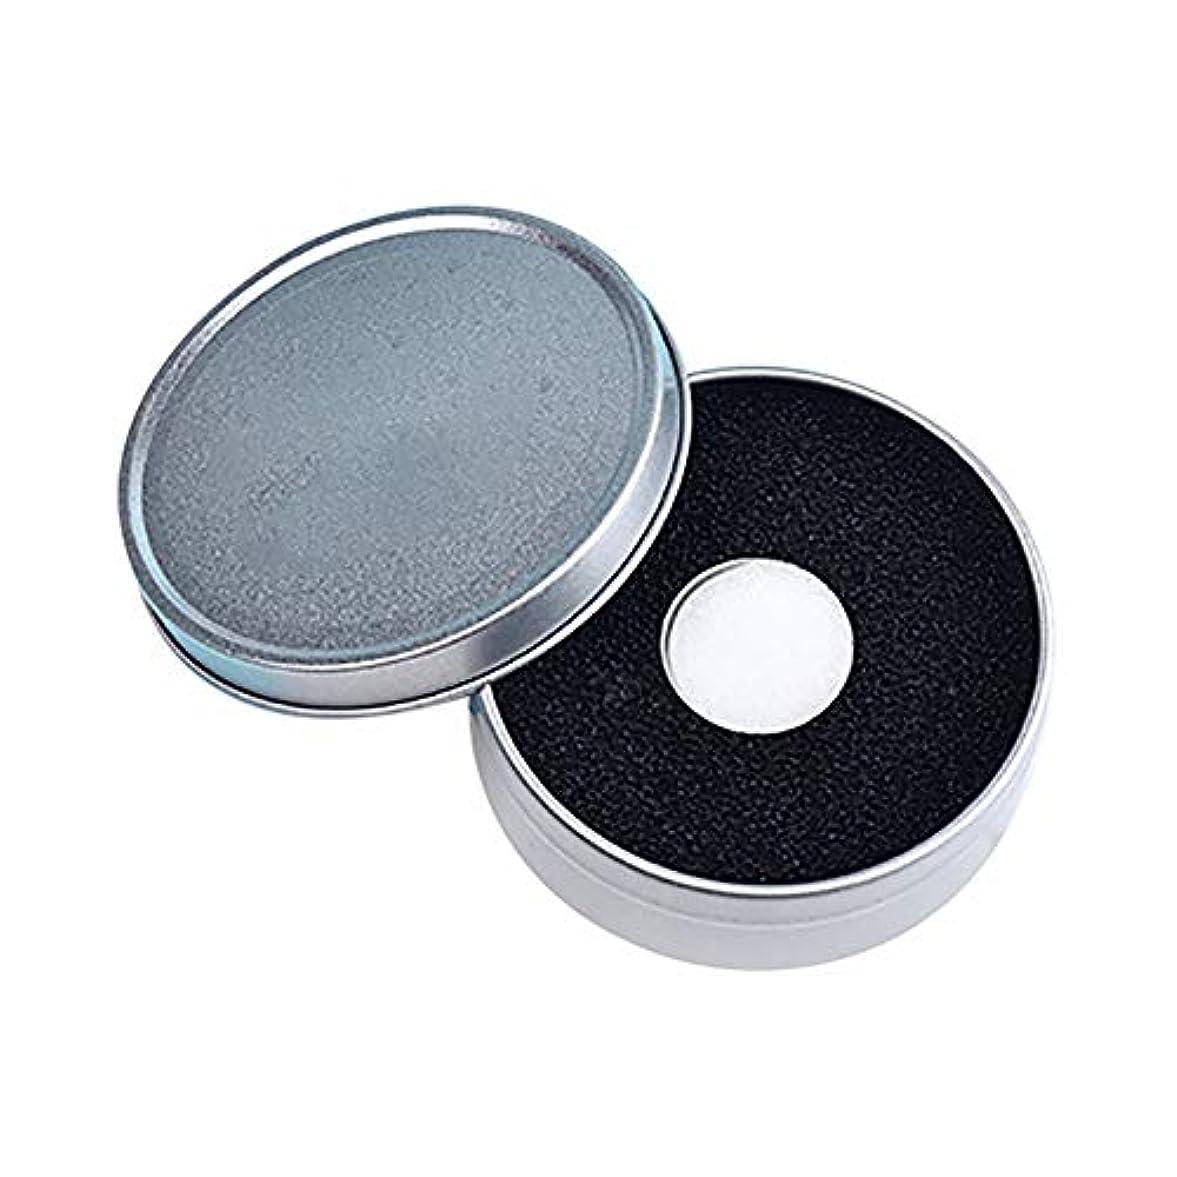 の前でビルクラフトLITI メイクブラシ クリーナー ブラッシュブラシ ドライクリーニングスポンジ 迅速なクリーニングスポンジ 水が必要ないブラシ (黒+白)